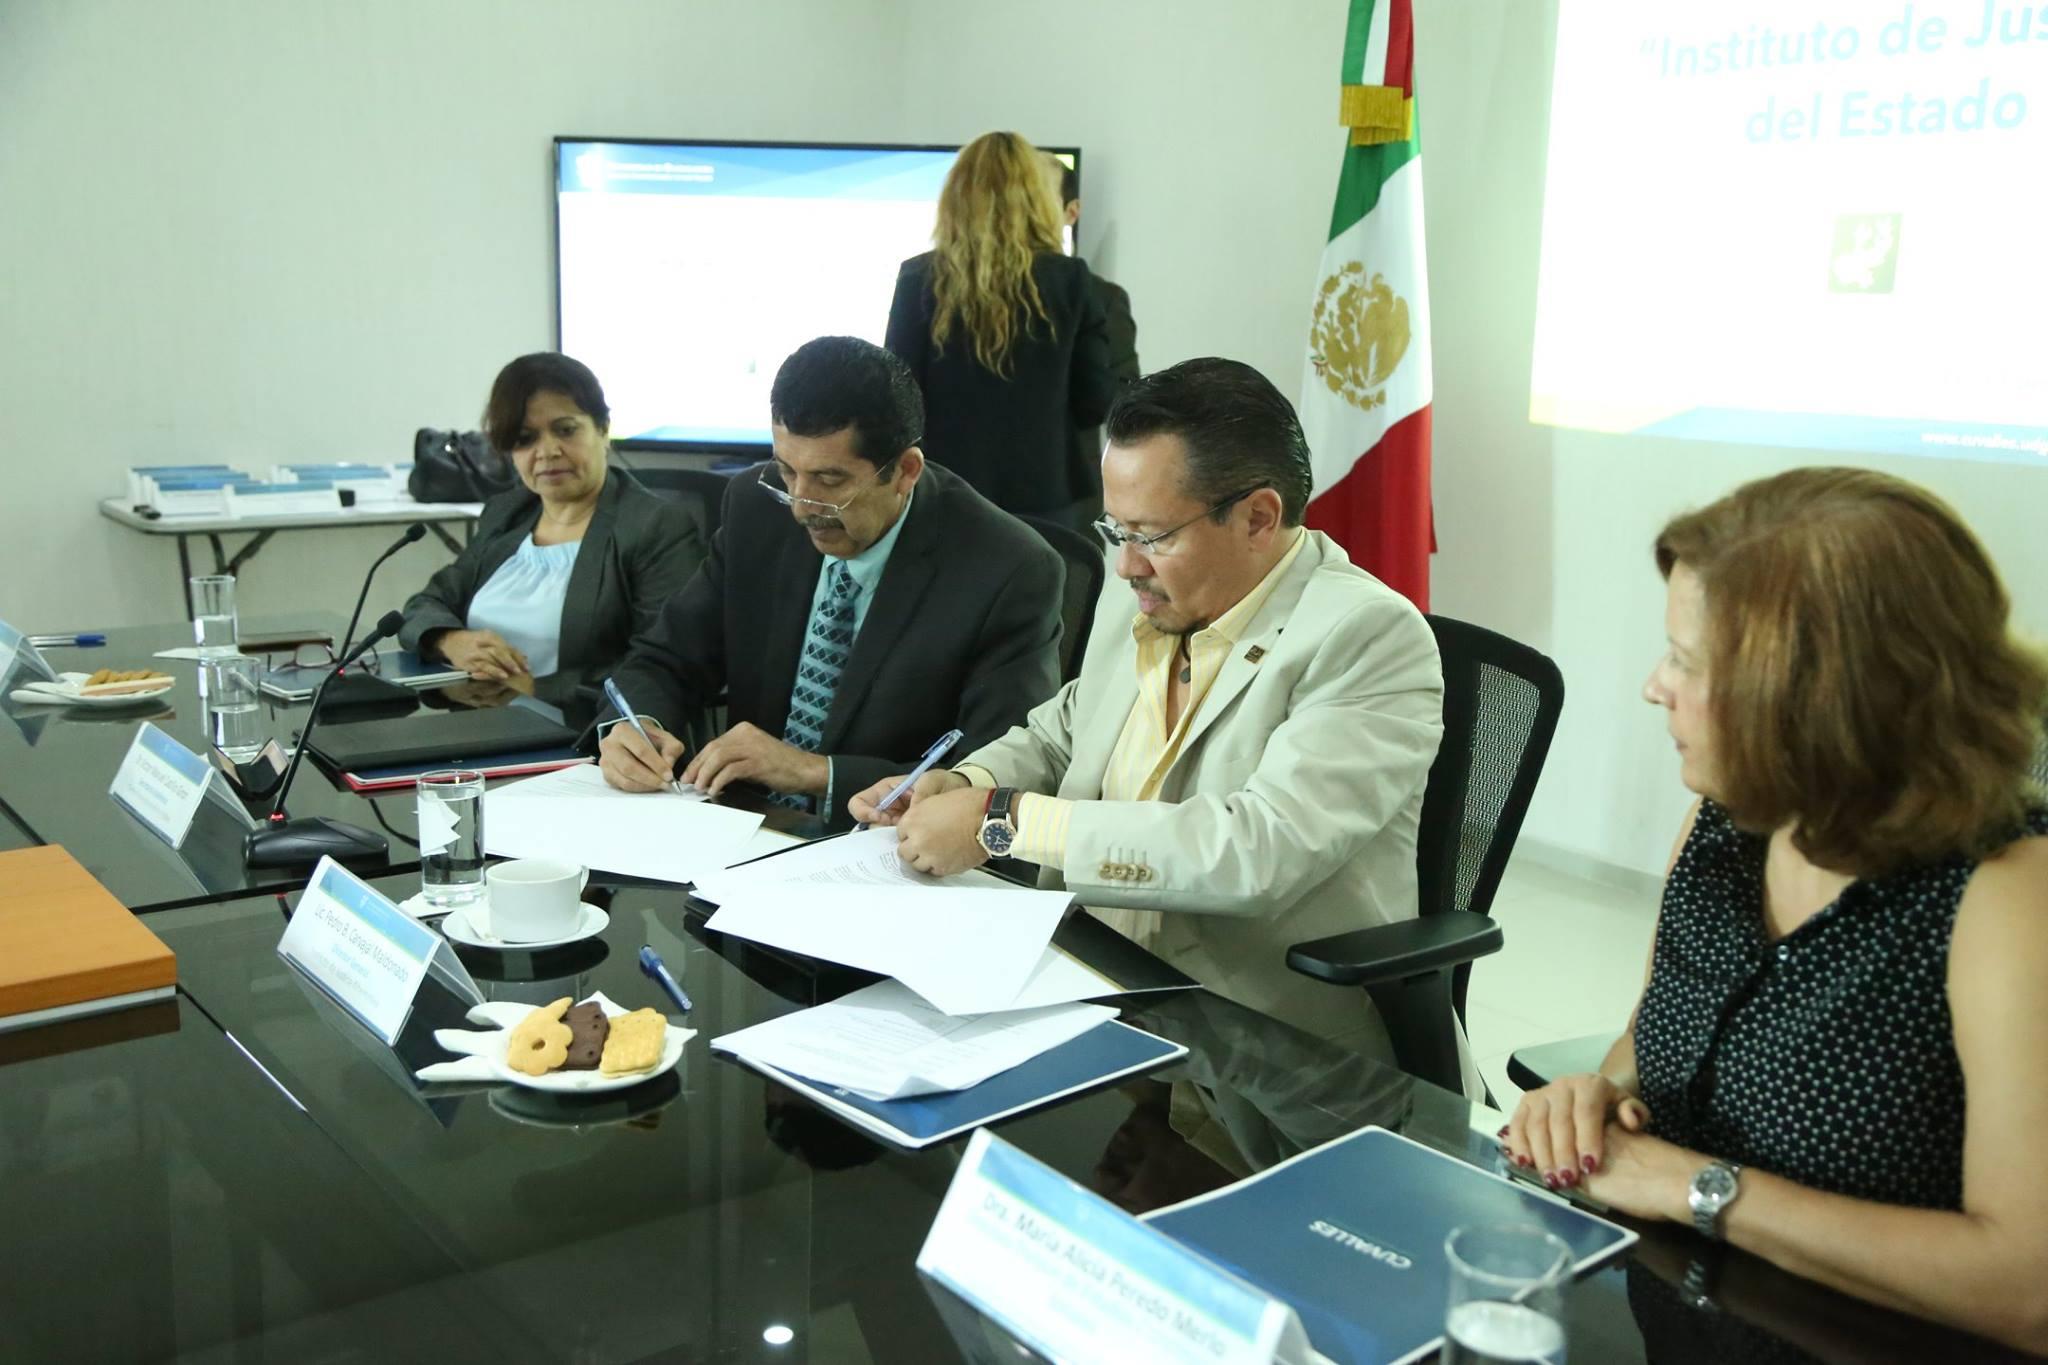 Los representantes del CUValles y el IJA firman convenios de colaboración